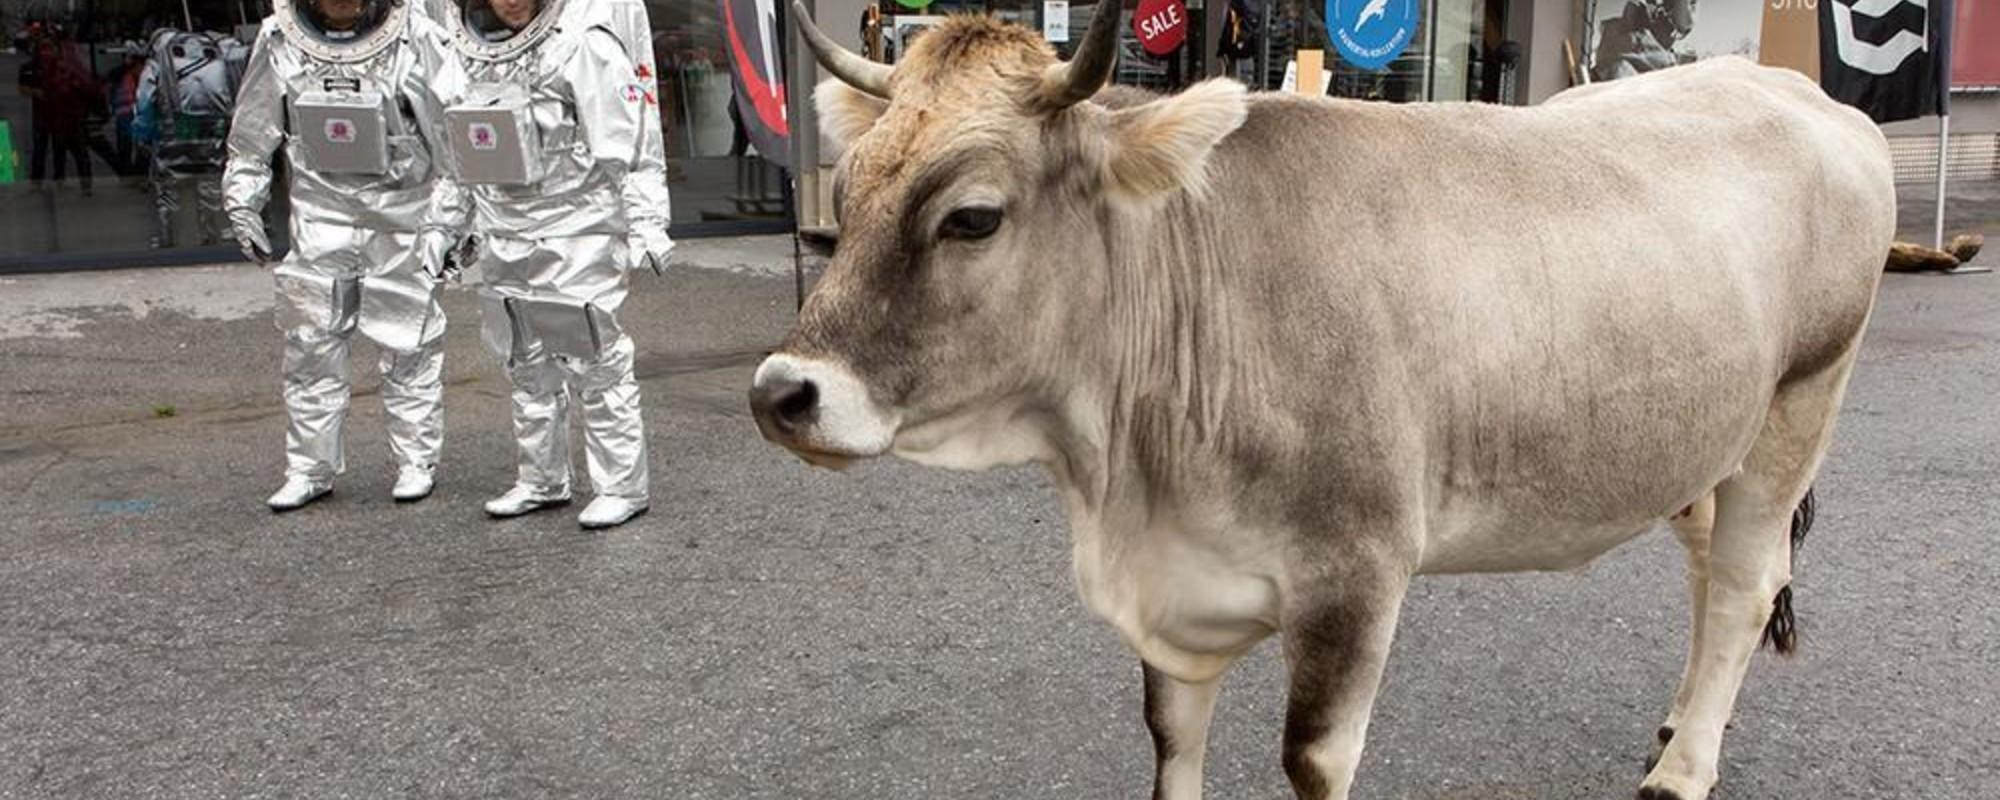 Misión a Marte entre vacas